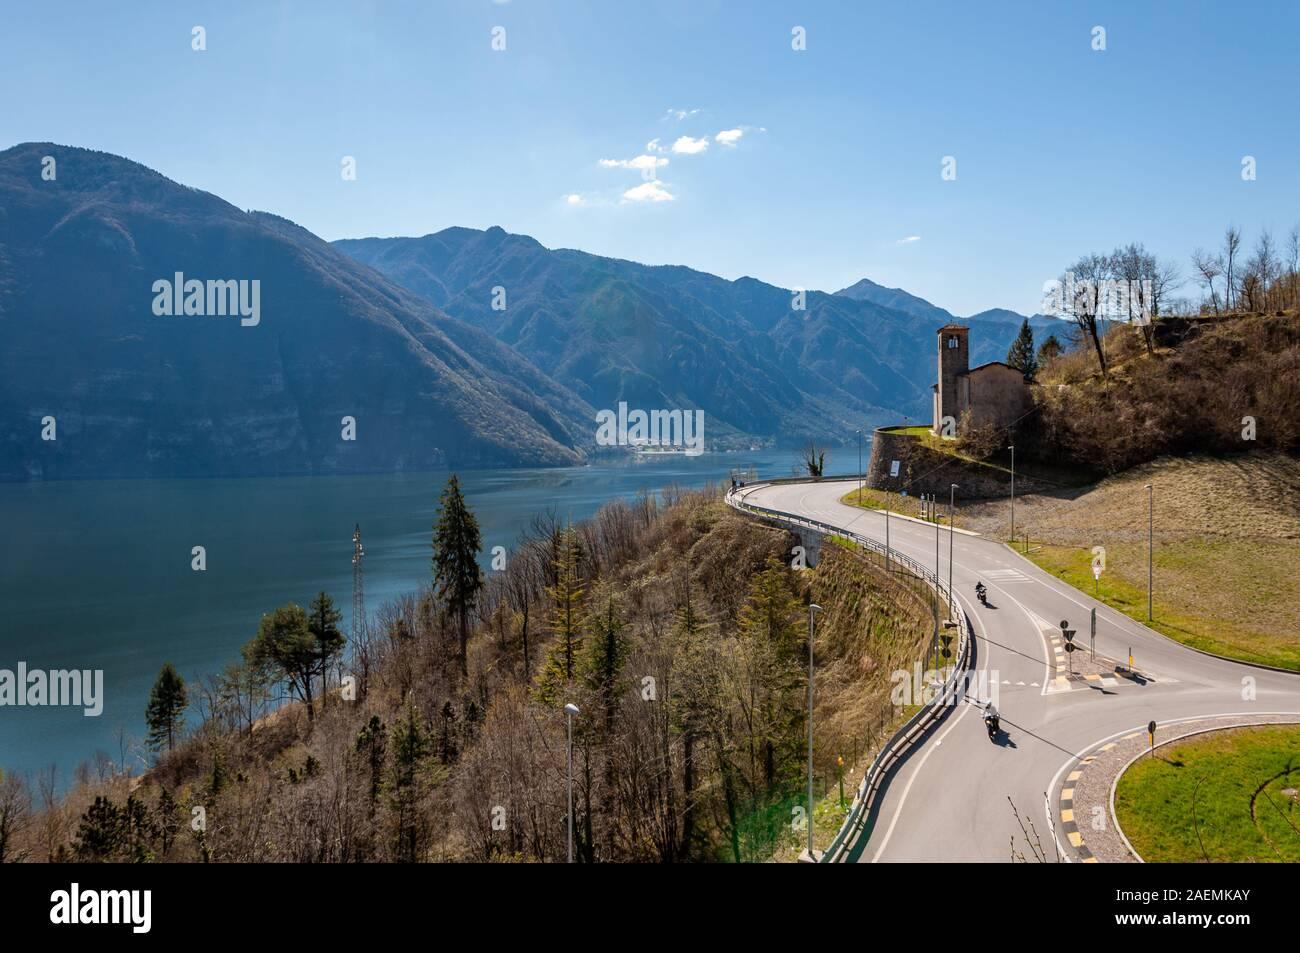 Vista Del Lago D Idro Dalle Montagne Di Bagolino Un Villaggio Famoso Per Il Bagoss Una Destinazione Turistica Per La Montagna E Lago Di Vacanze Foto Stock Alamy